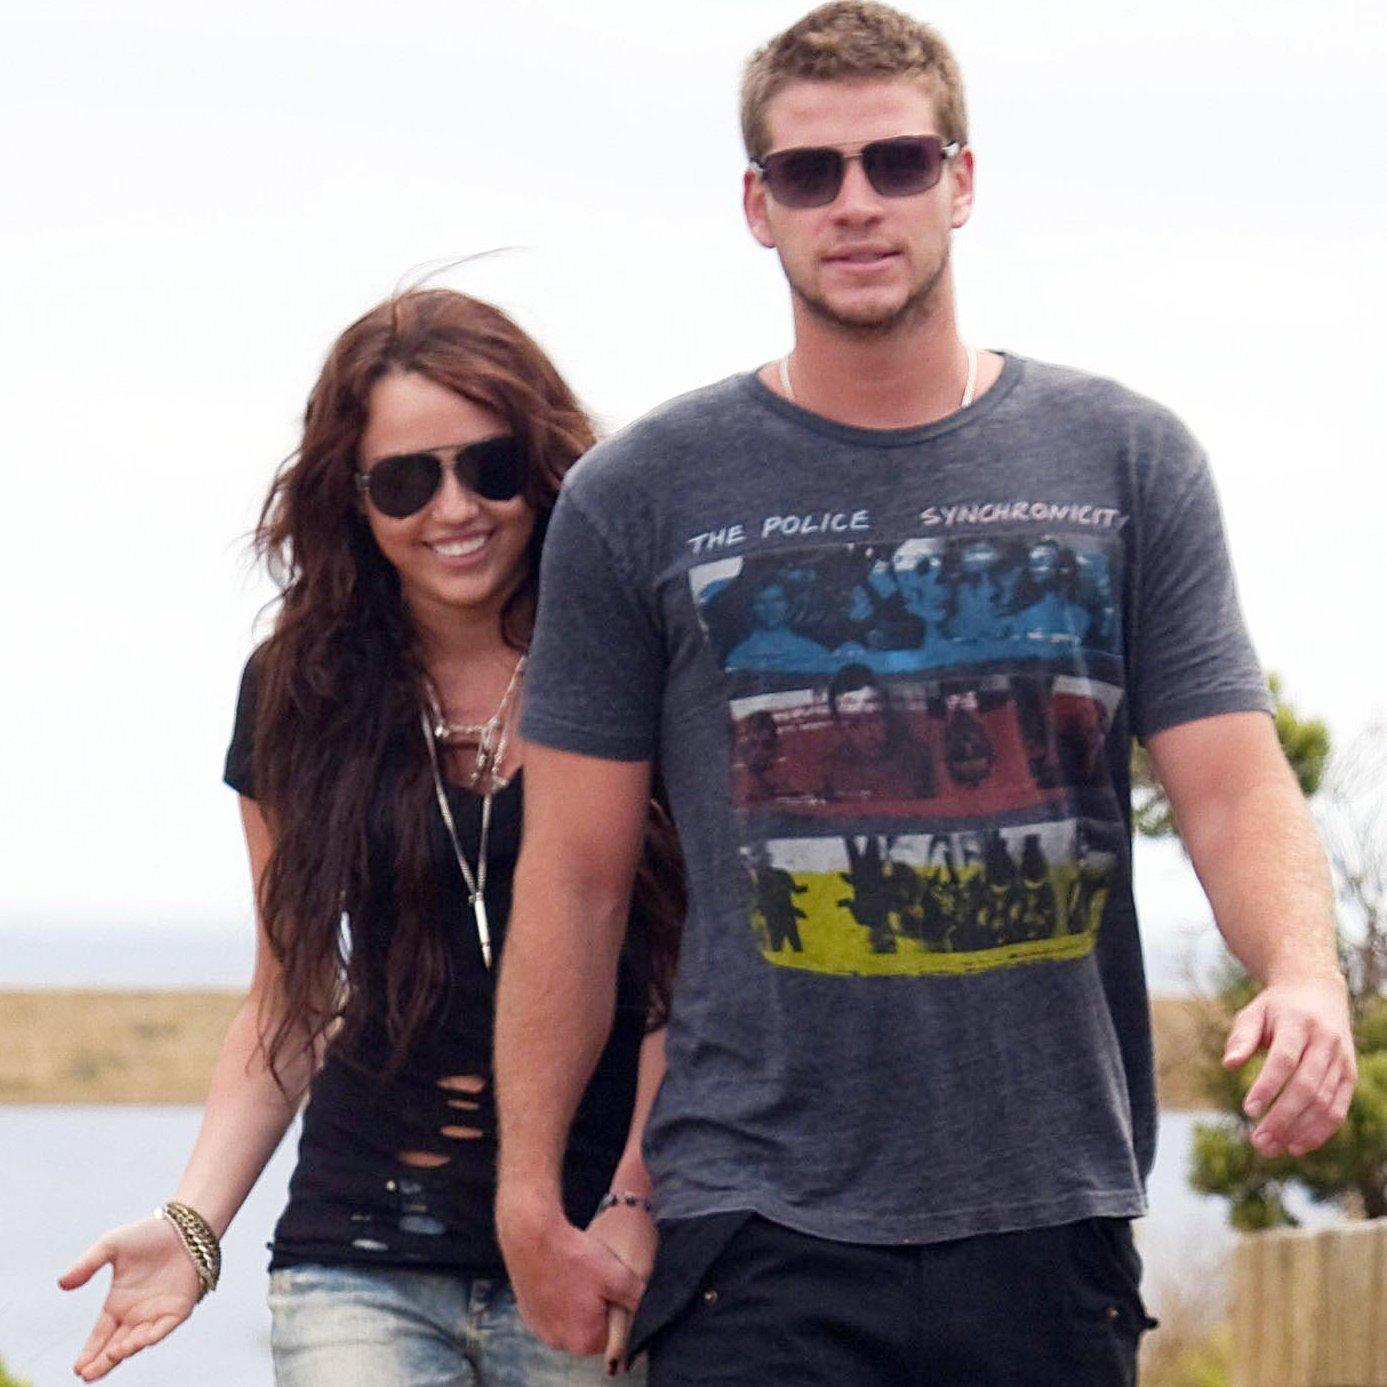 Mira la candente foto que compartió Miley Cyrus junto a su novio